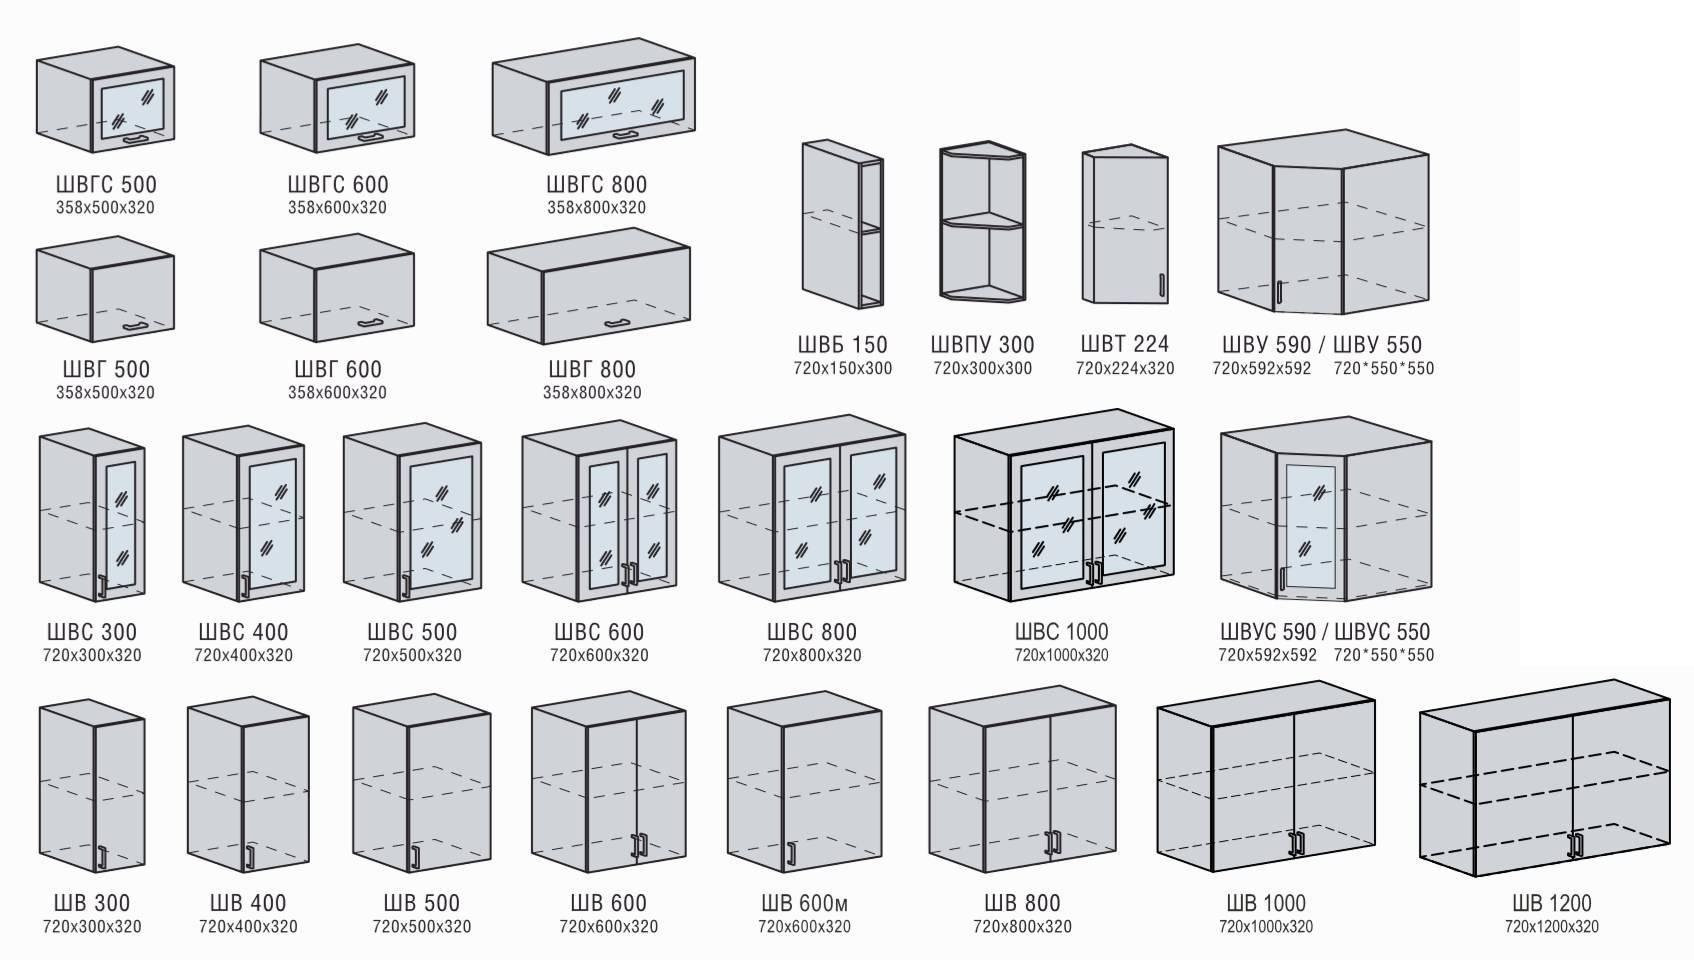 Кухонные модули для маленькой кухни эконом класса: что это такое, чем отличается модульная кухня от кухонного гарнитура, как собрать